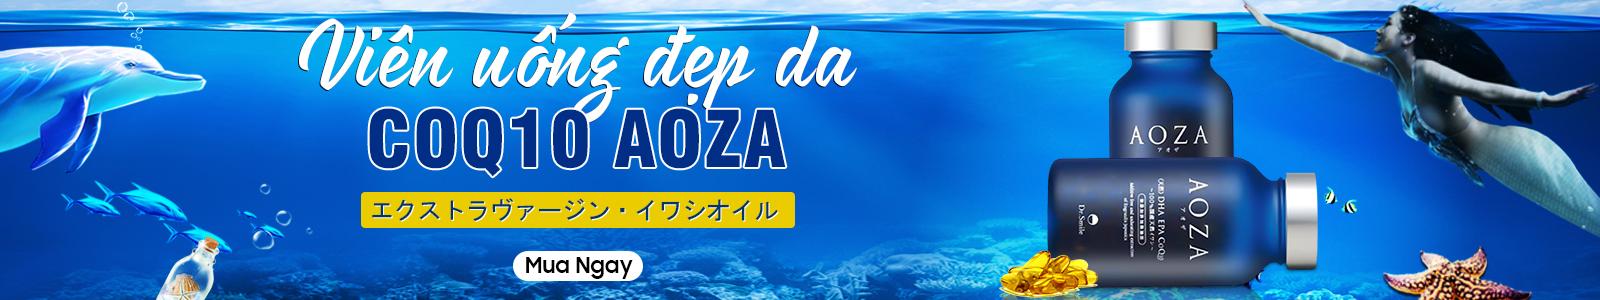 Viên uống đẹp da CoQ10 Aoza Nhật Bản 150 viên